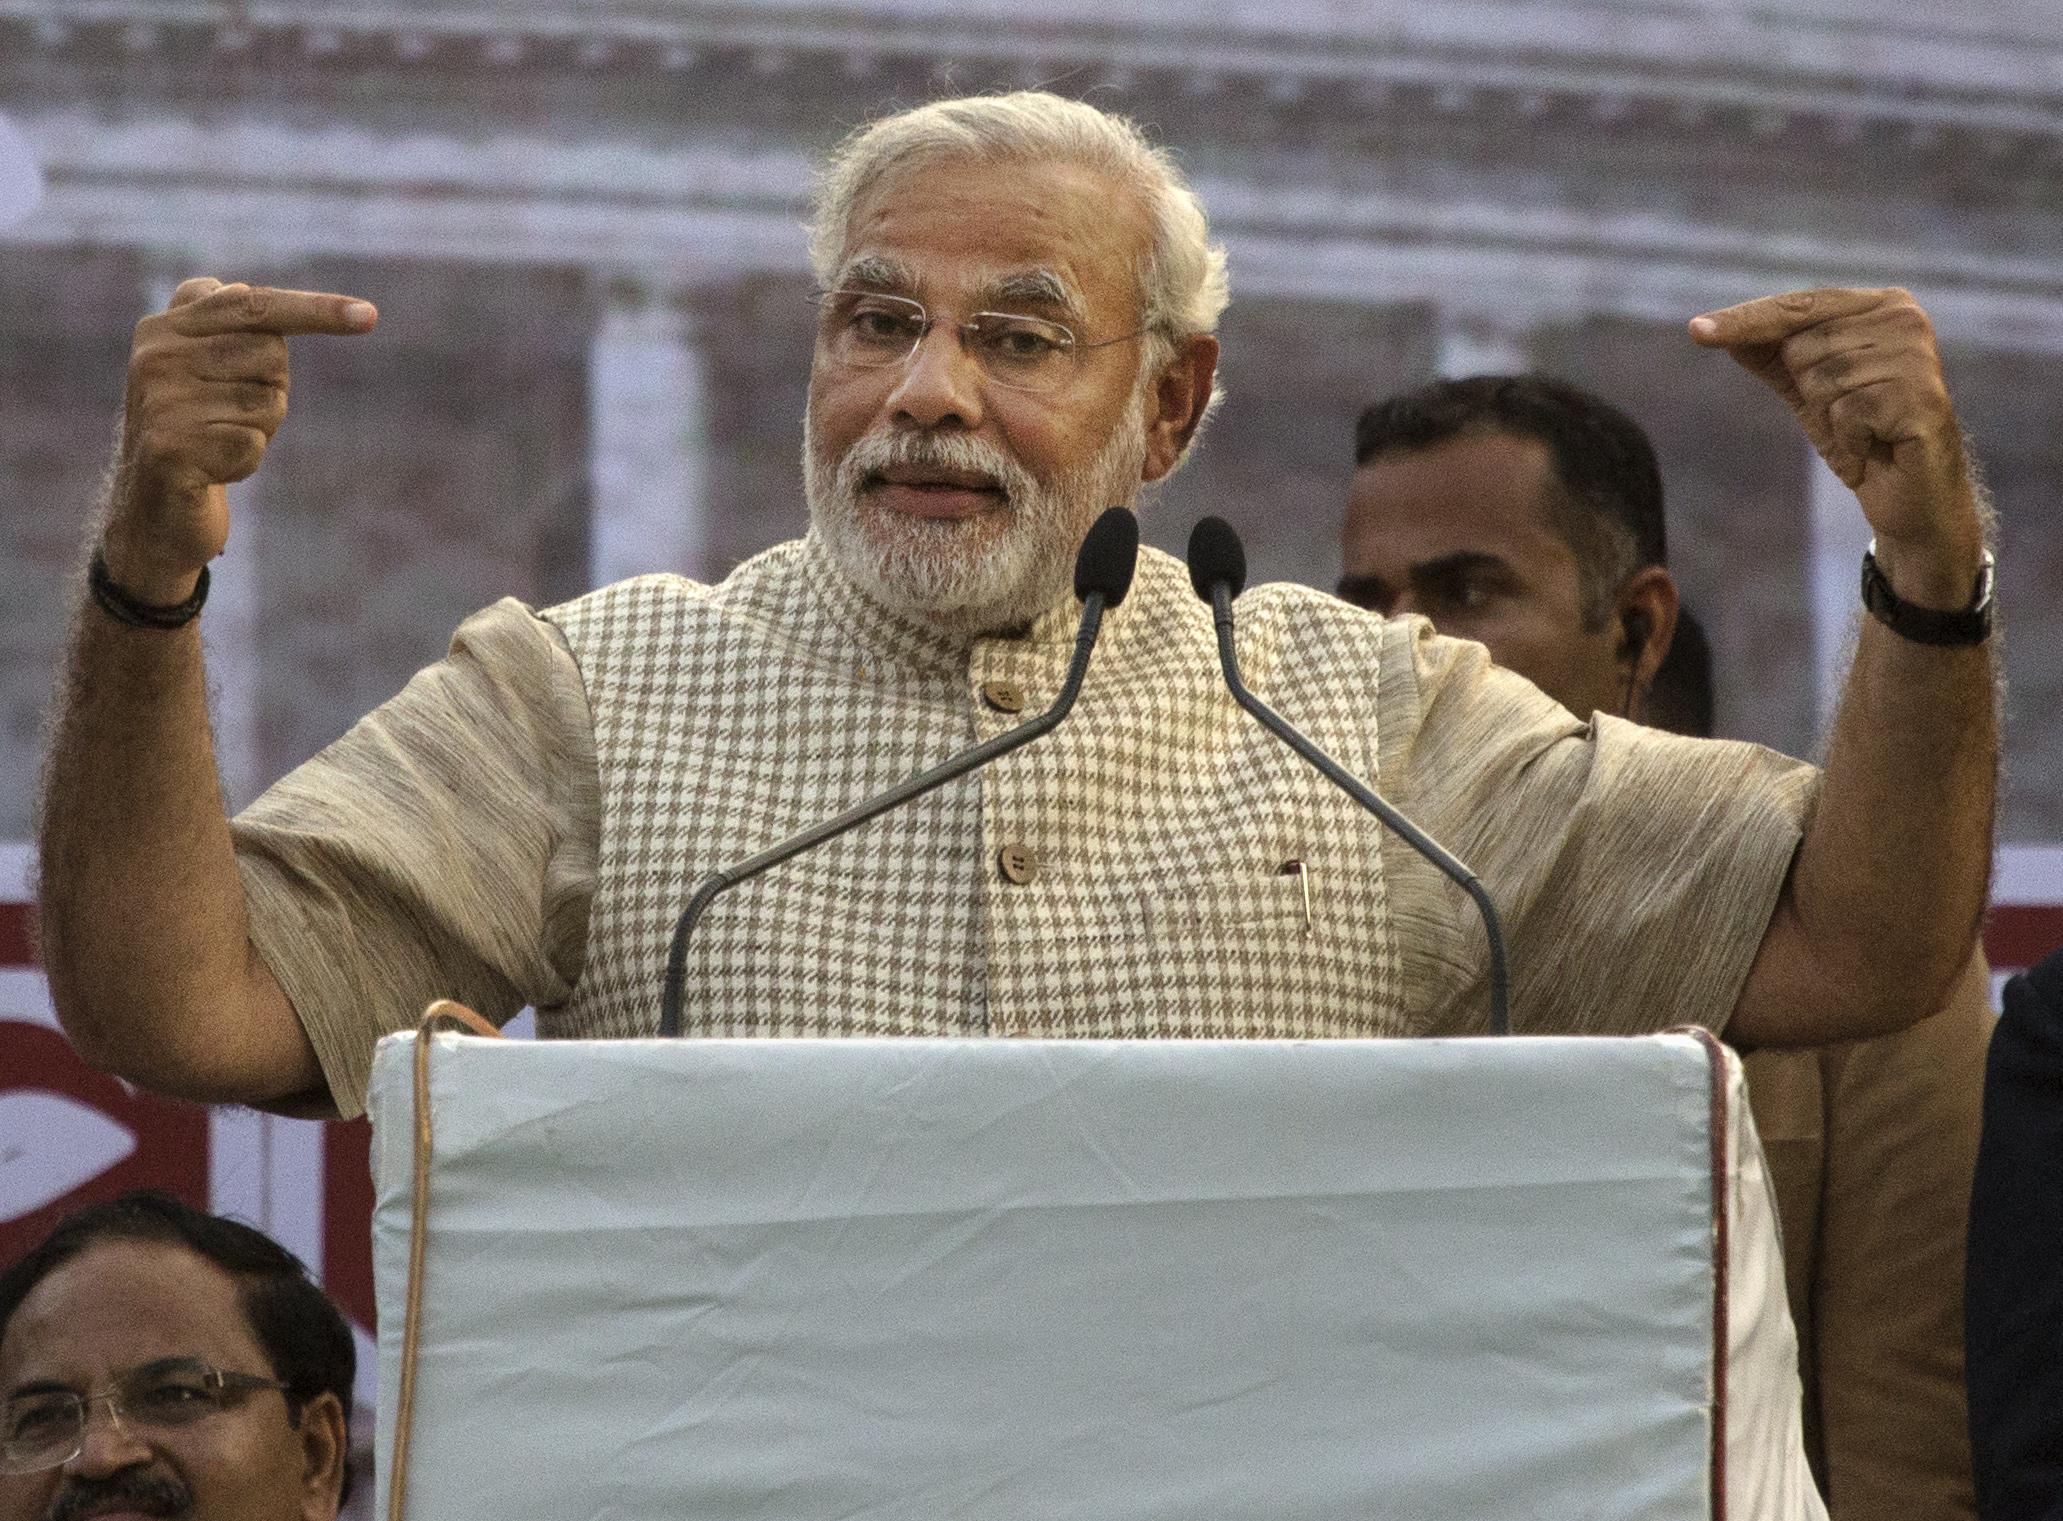 ข่าวสดวันนี้ อินเดีย เลือกตั้ง